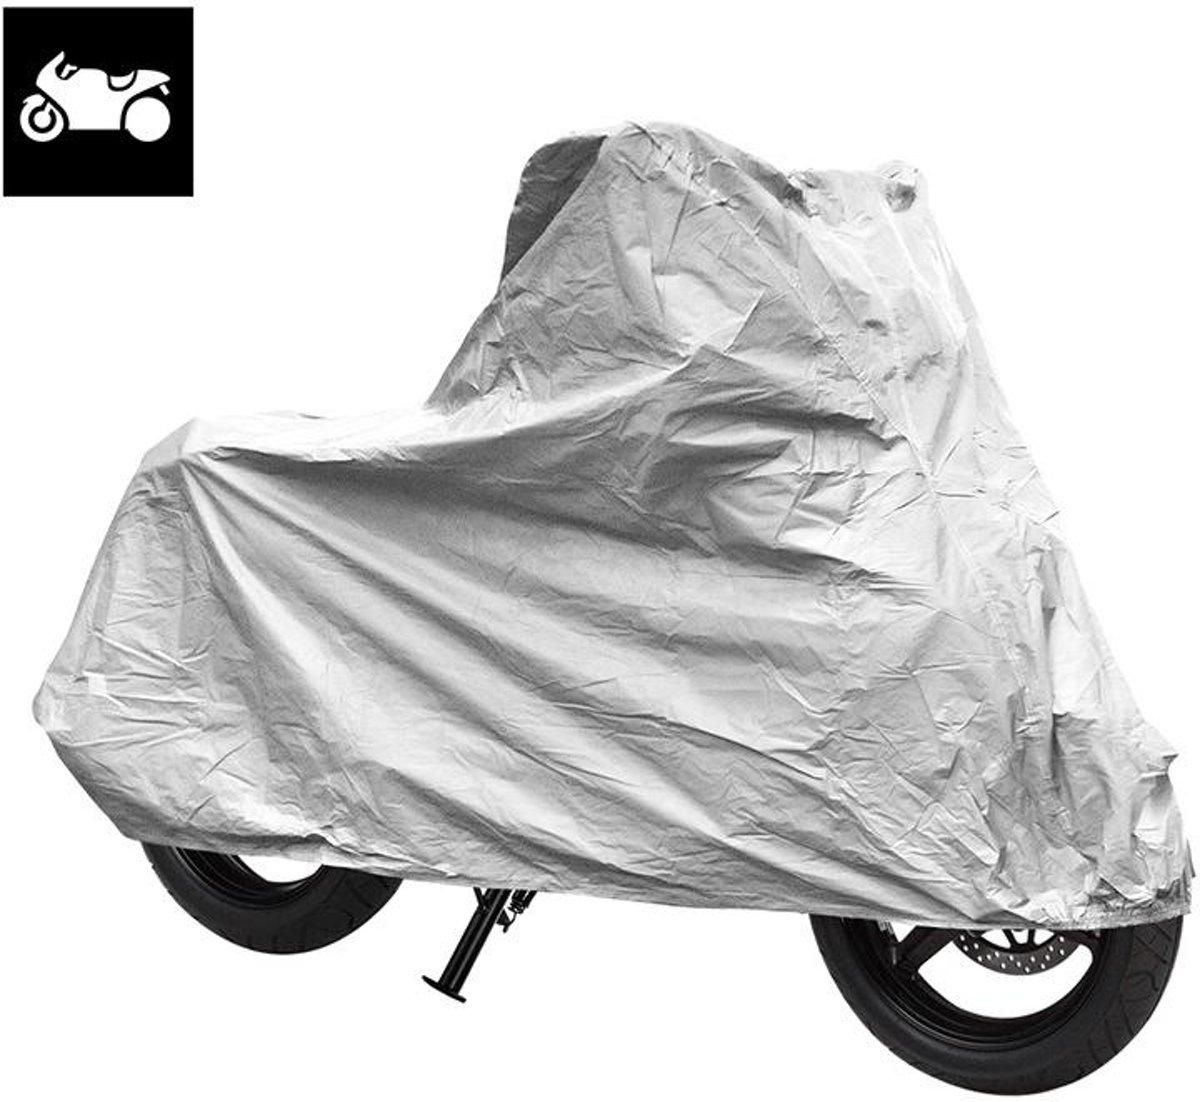 Proplus Motor En Scooterhoes Xl 246x104x127 Cm kopen